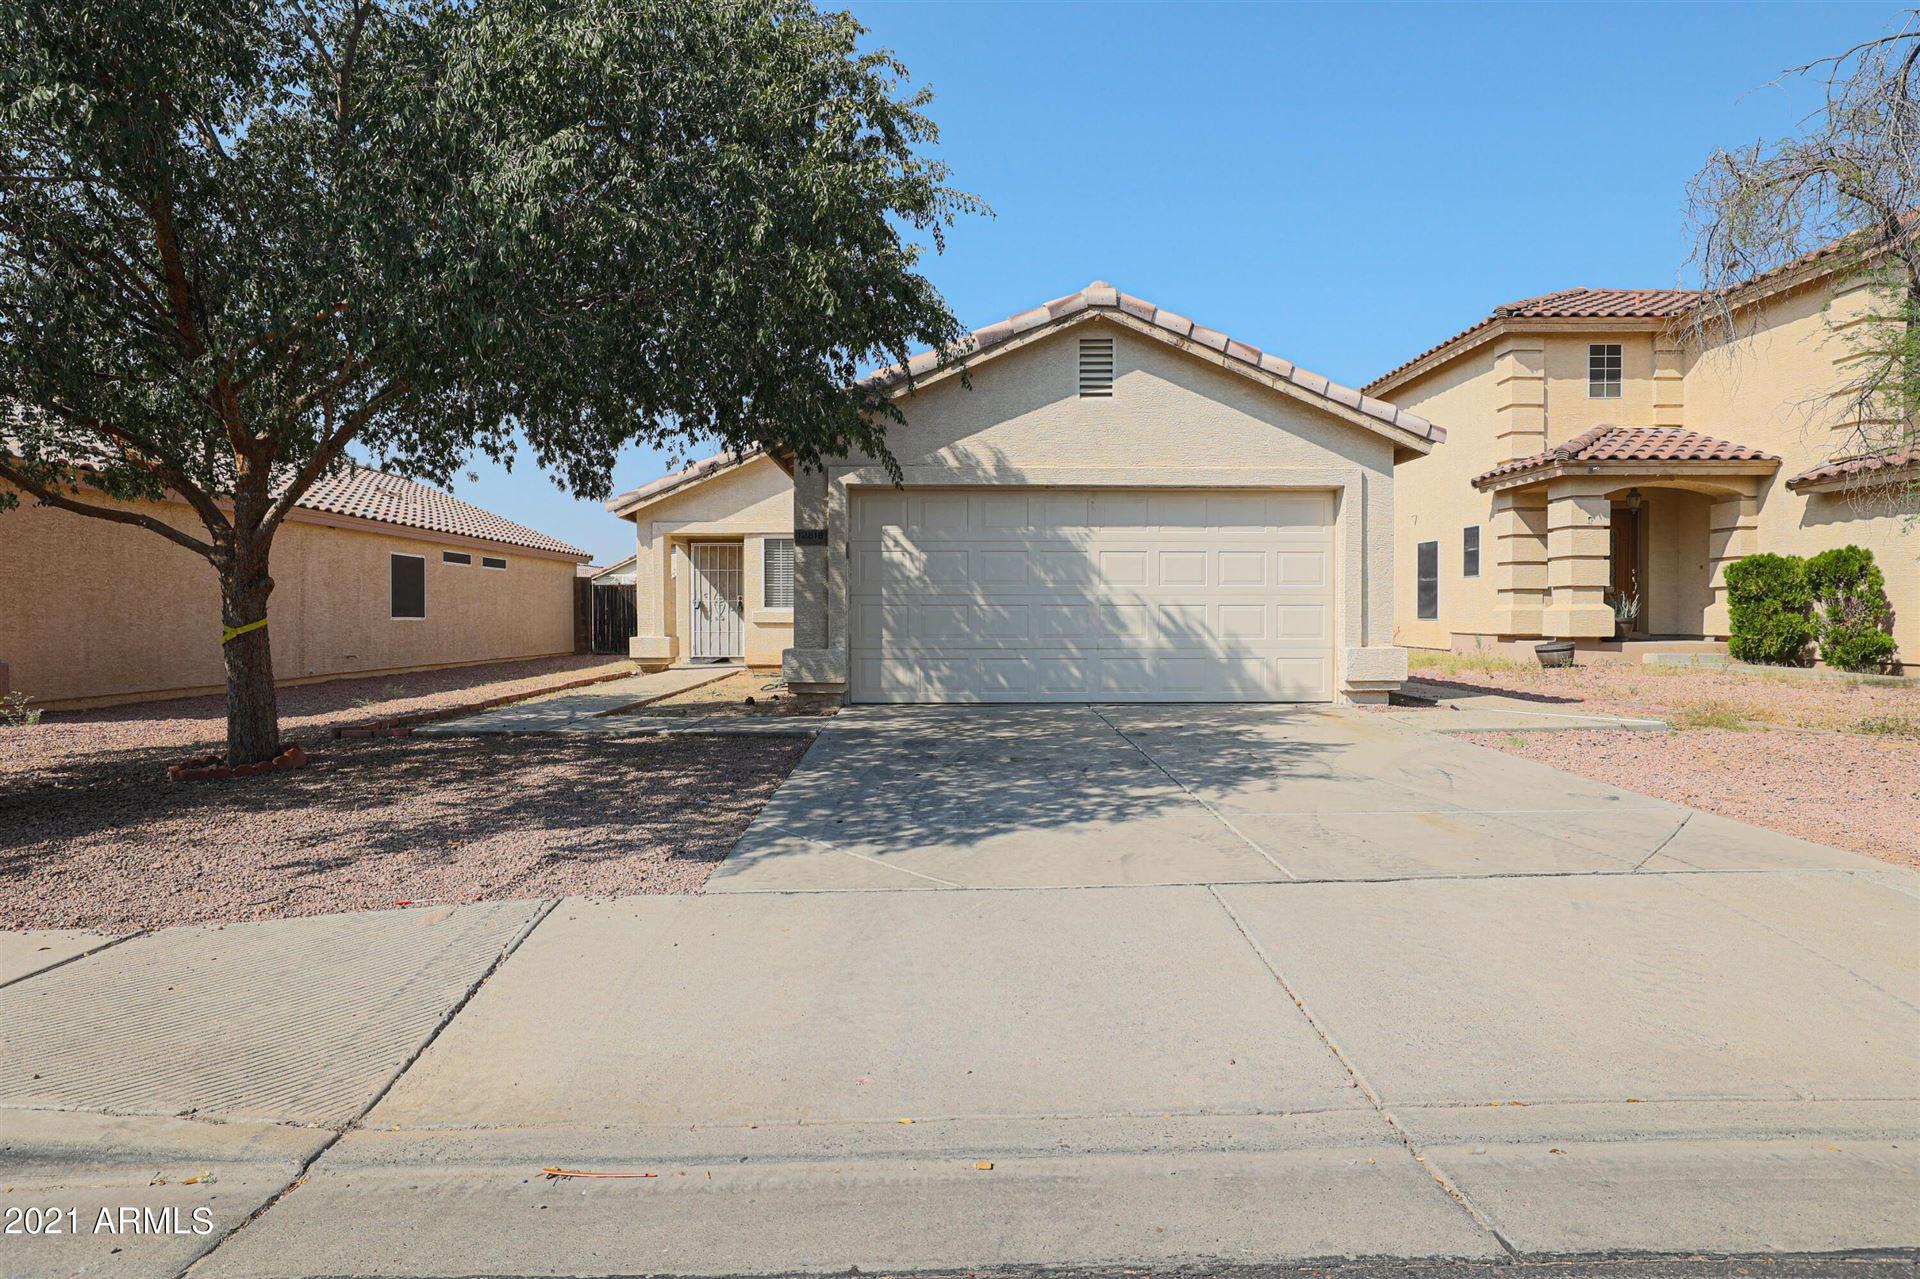 12818 N PALM Street, El Mirage, AZ 85335 - MLS#: 6293948